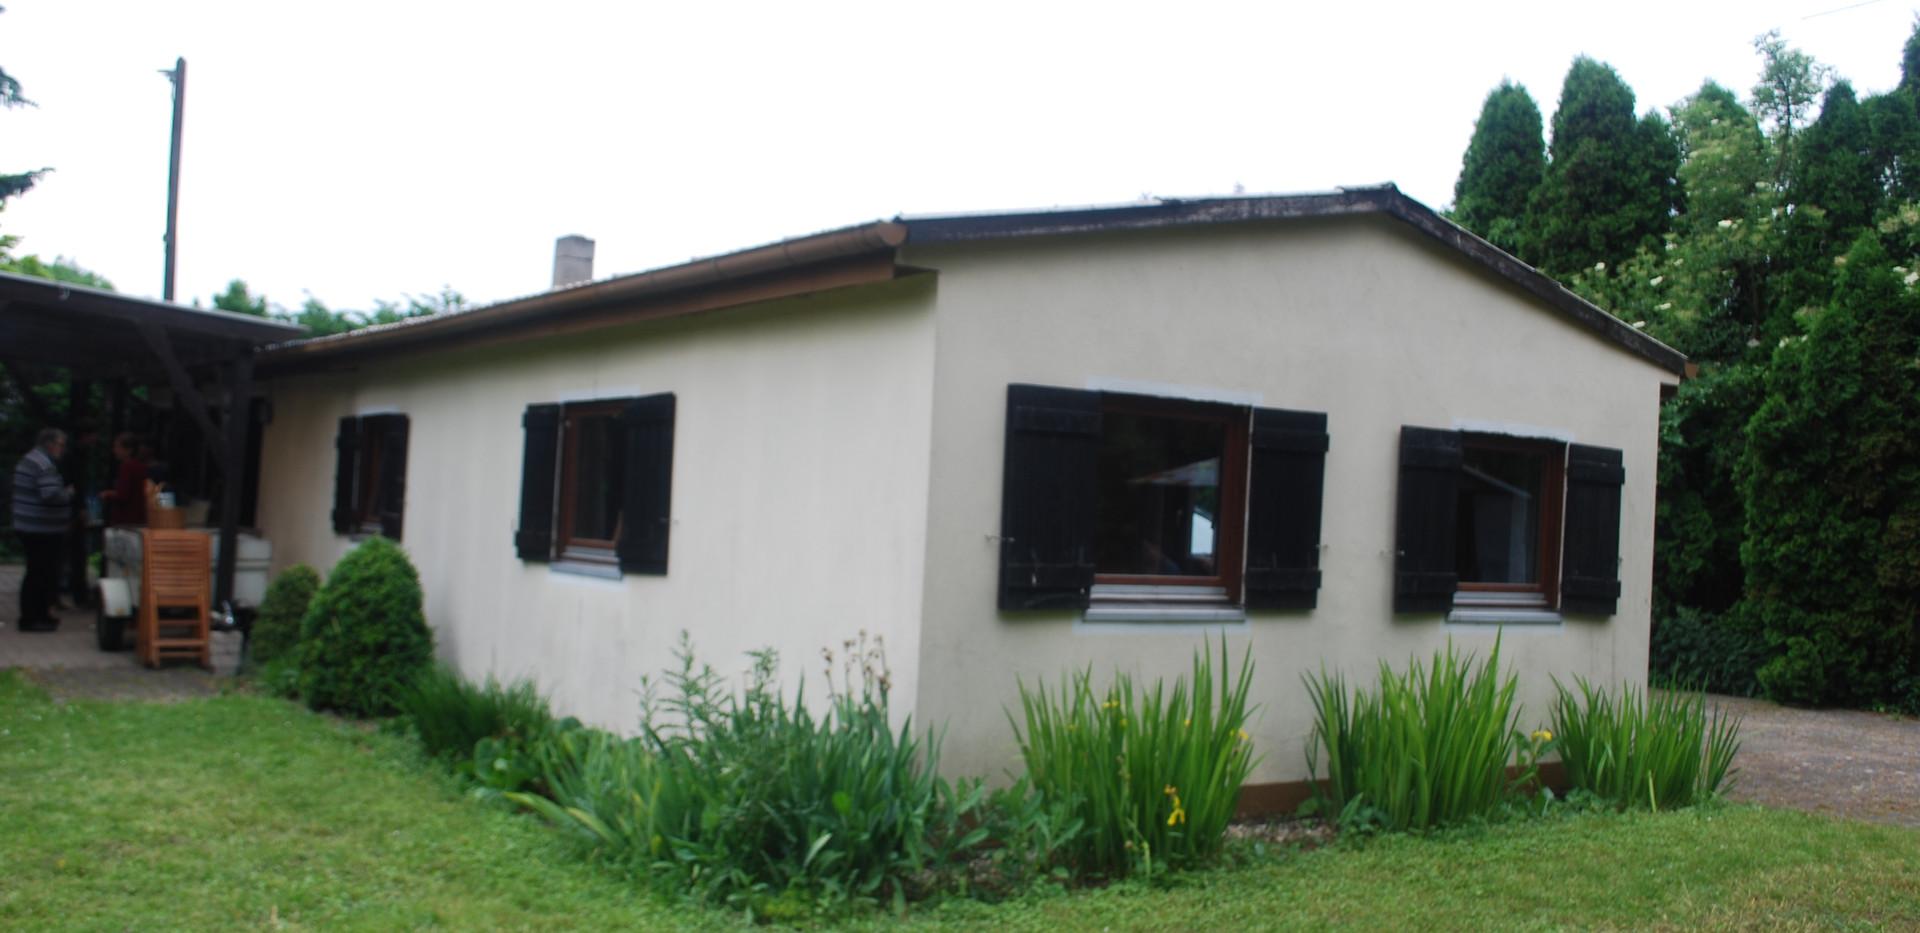 Heidehaus außen (2).JPG